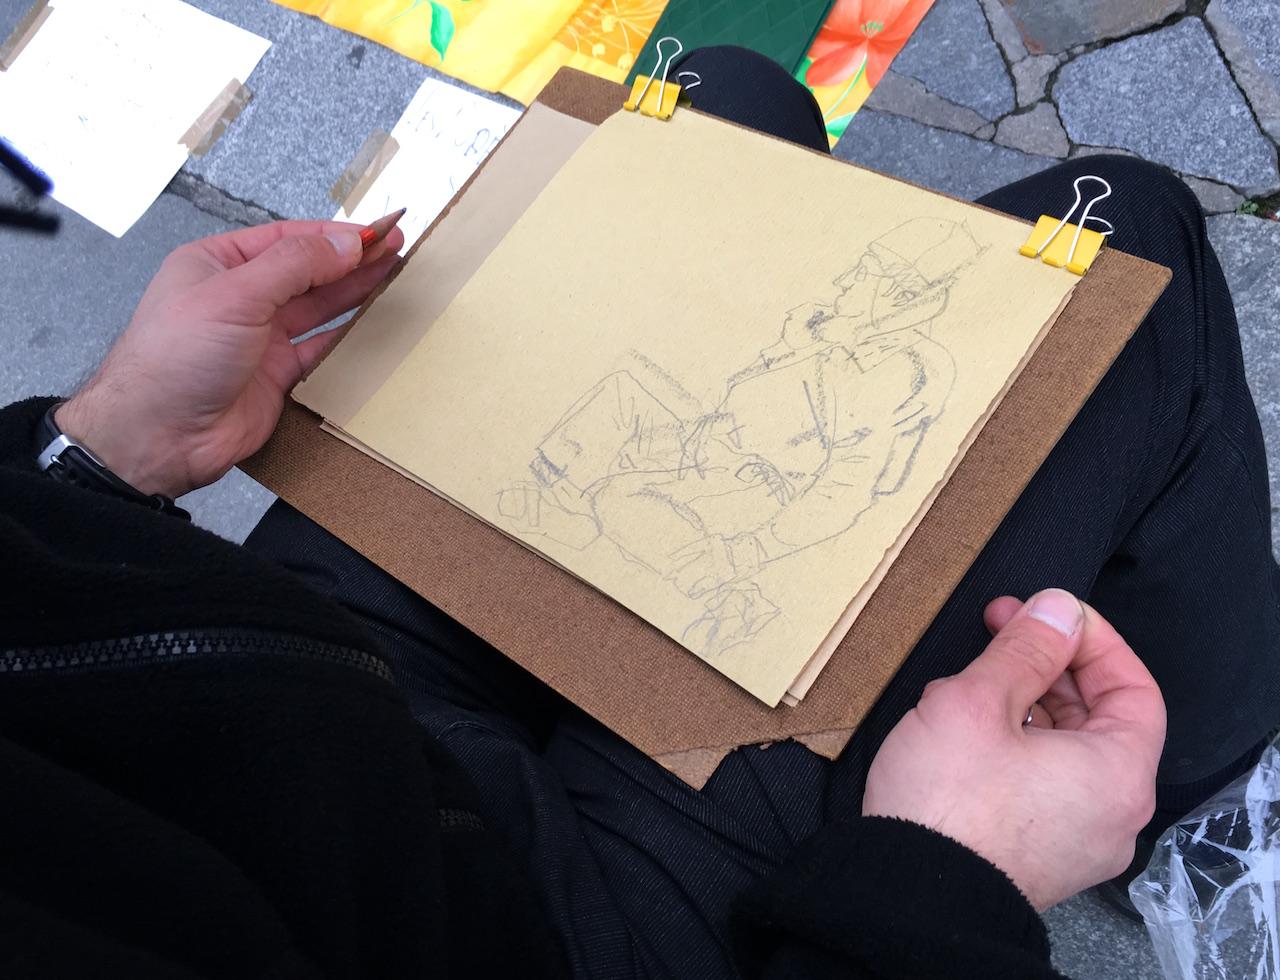 Members of the Collectif des Modèles d'Art de Paris stage a life drawing session in the Place de l'Hôtel de Ville.